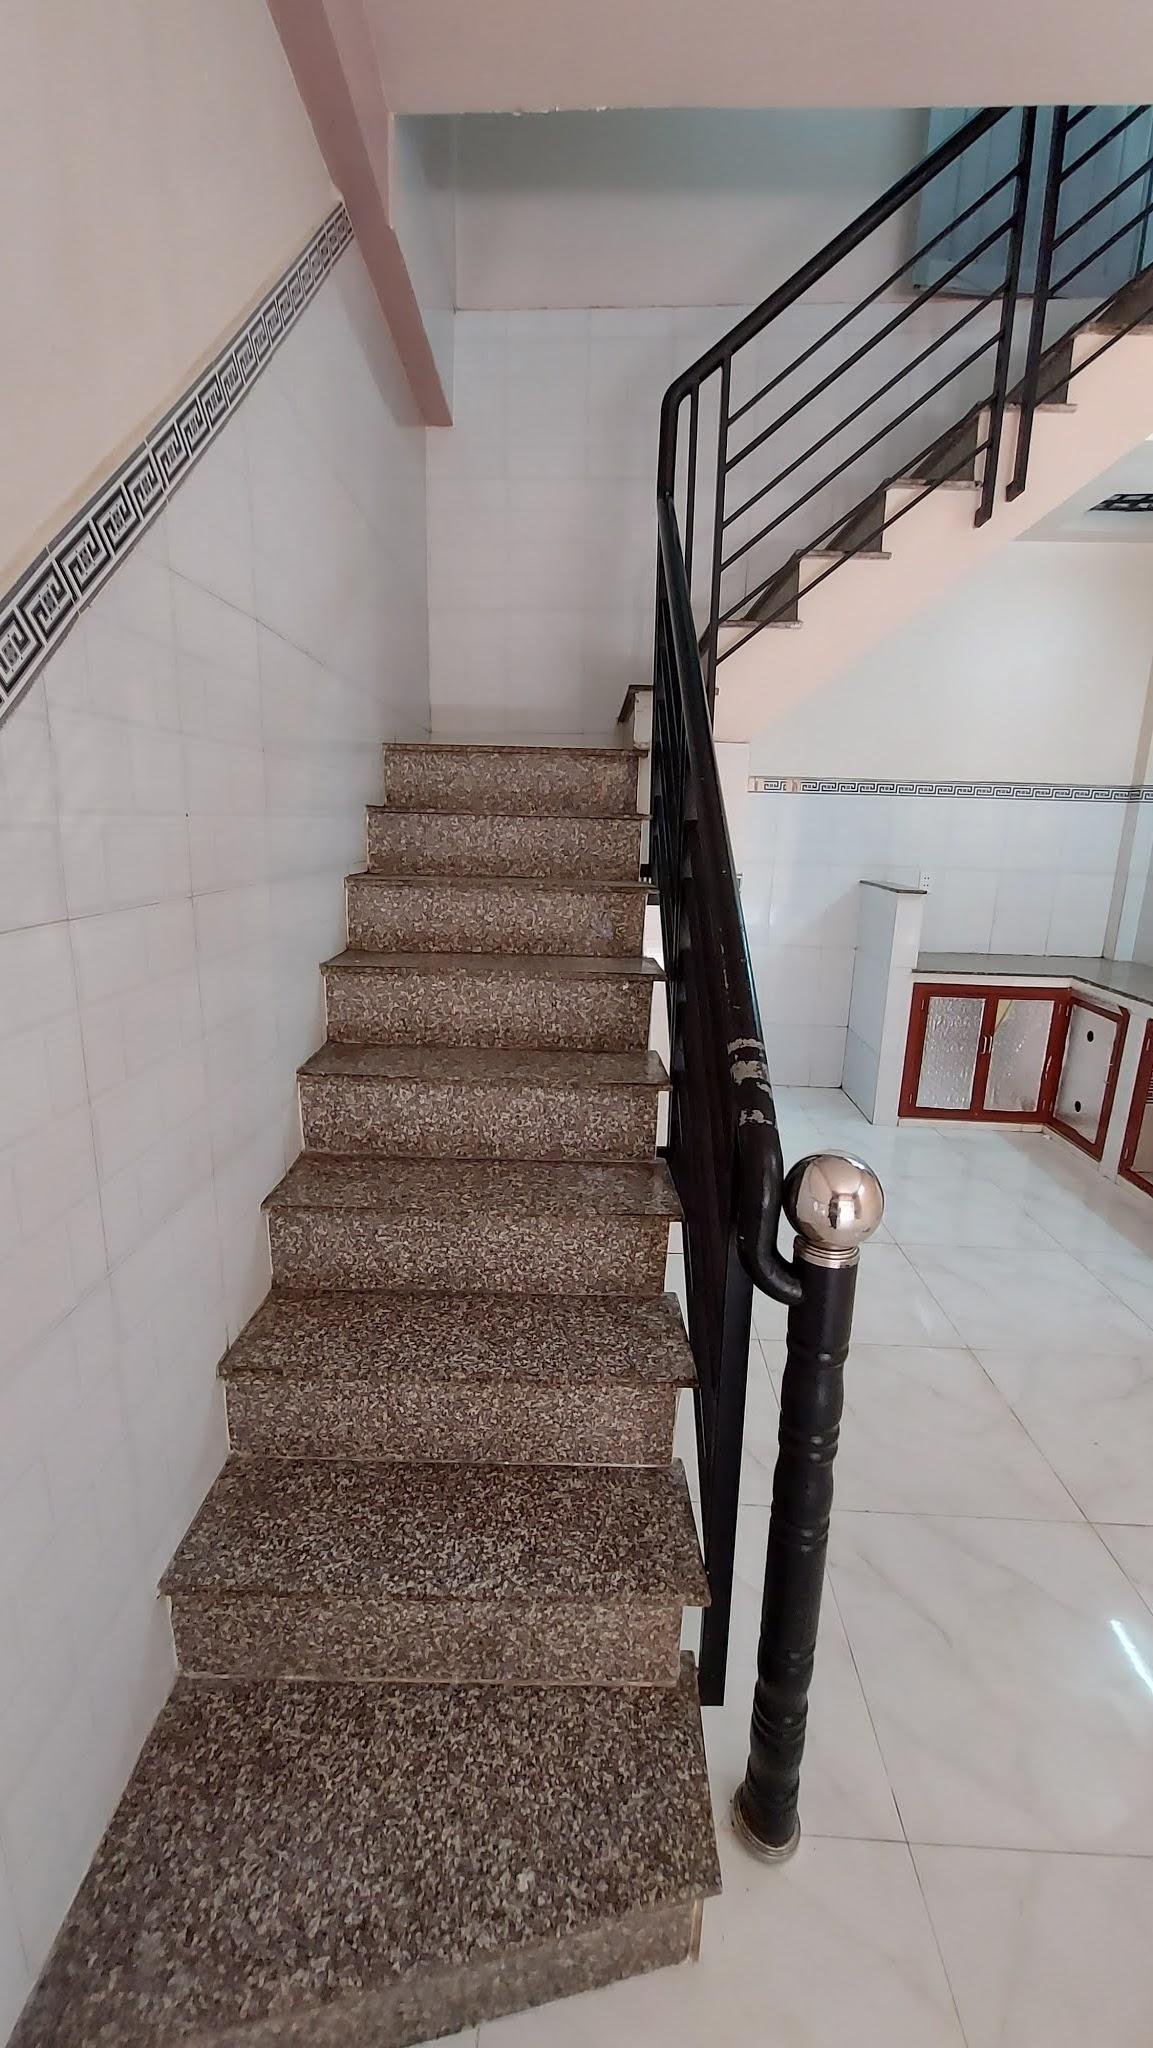 Bán nhà đường Đỗ Công Tường quận Tân Phú dưới 3 tỷ mới nhất 2021